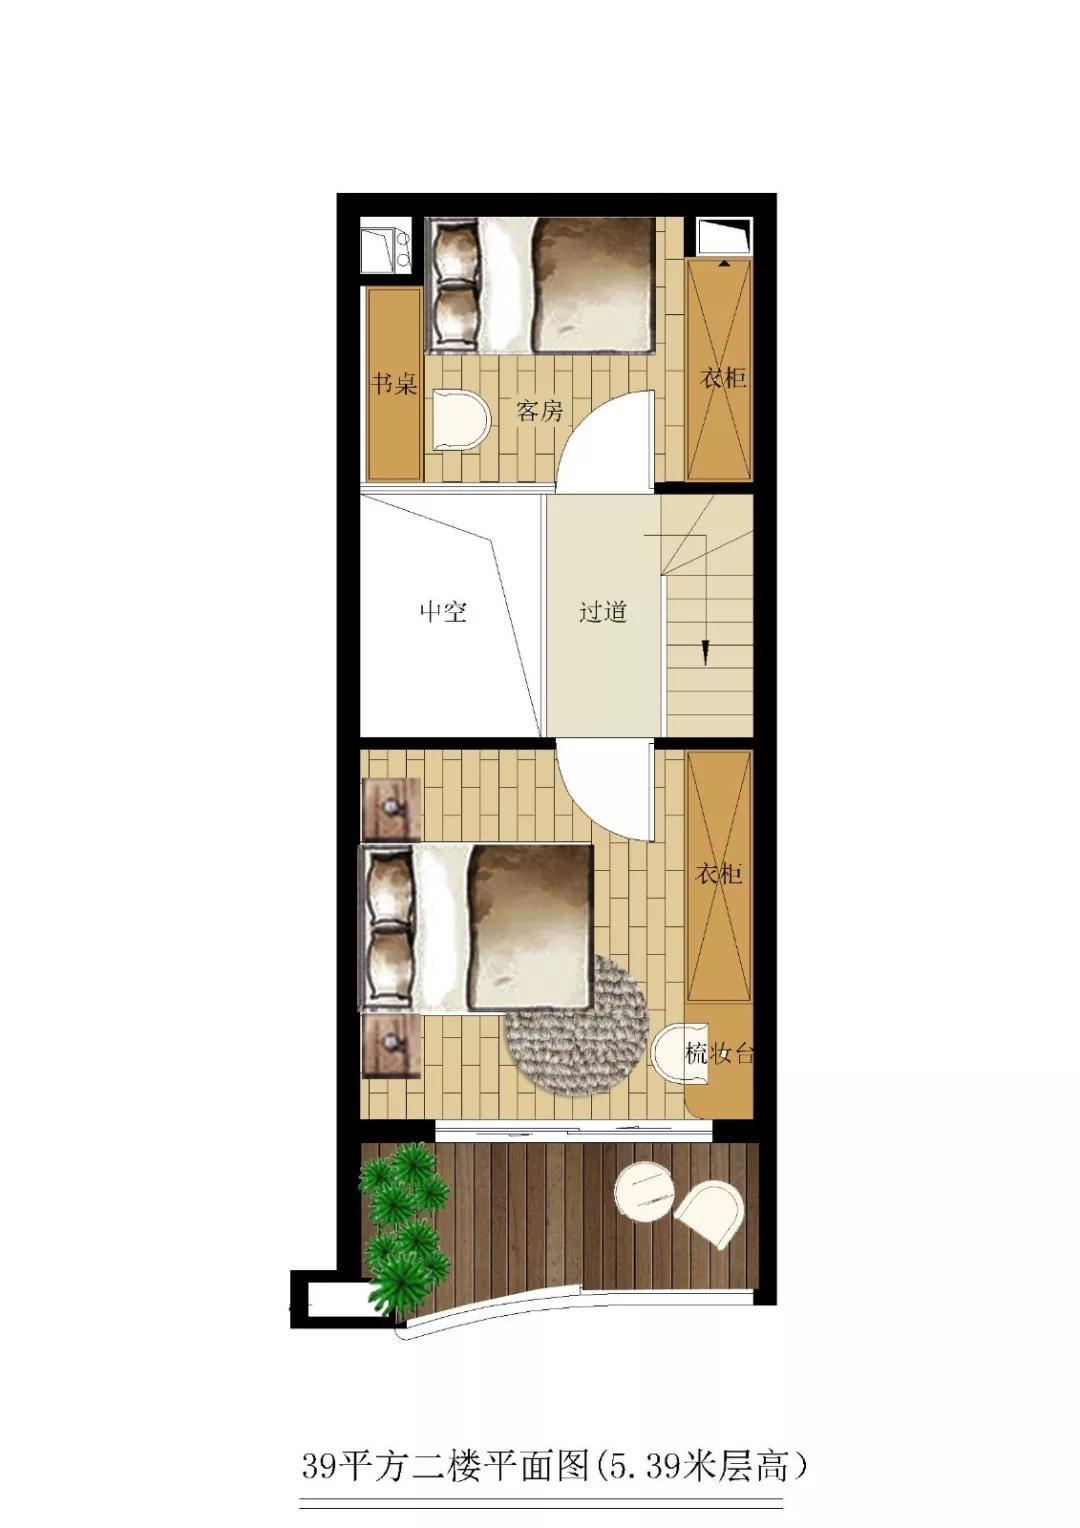 洱海福门公寓39平户型图